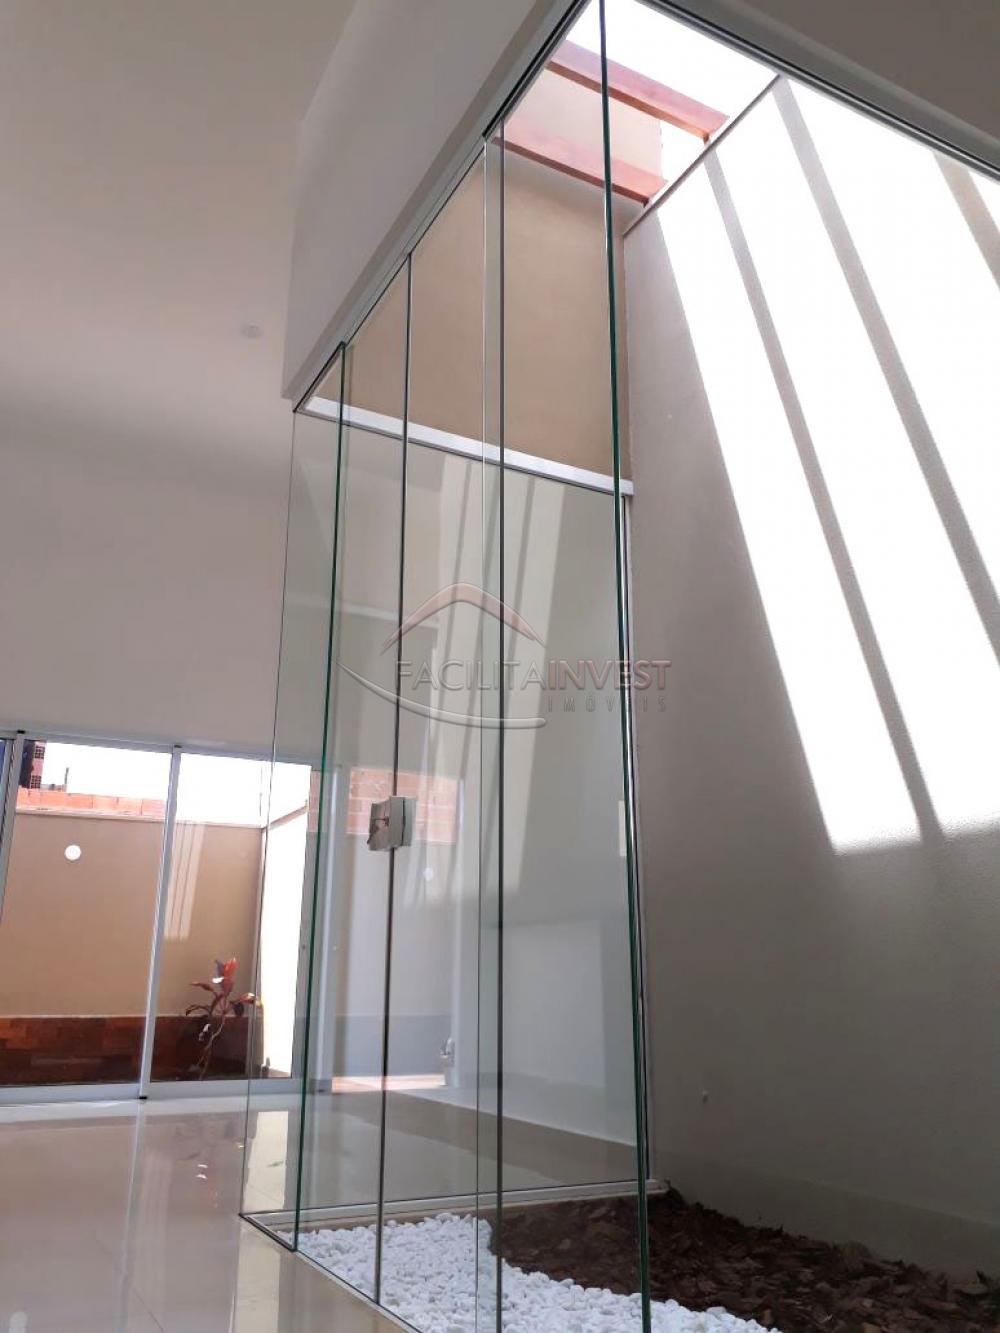 Comprar Casa Condomínio / Casa Condomínio em Ribeirão Preto apenas R$ 670.000,00 - Foto 6